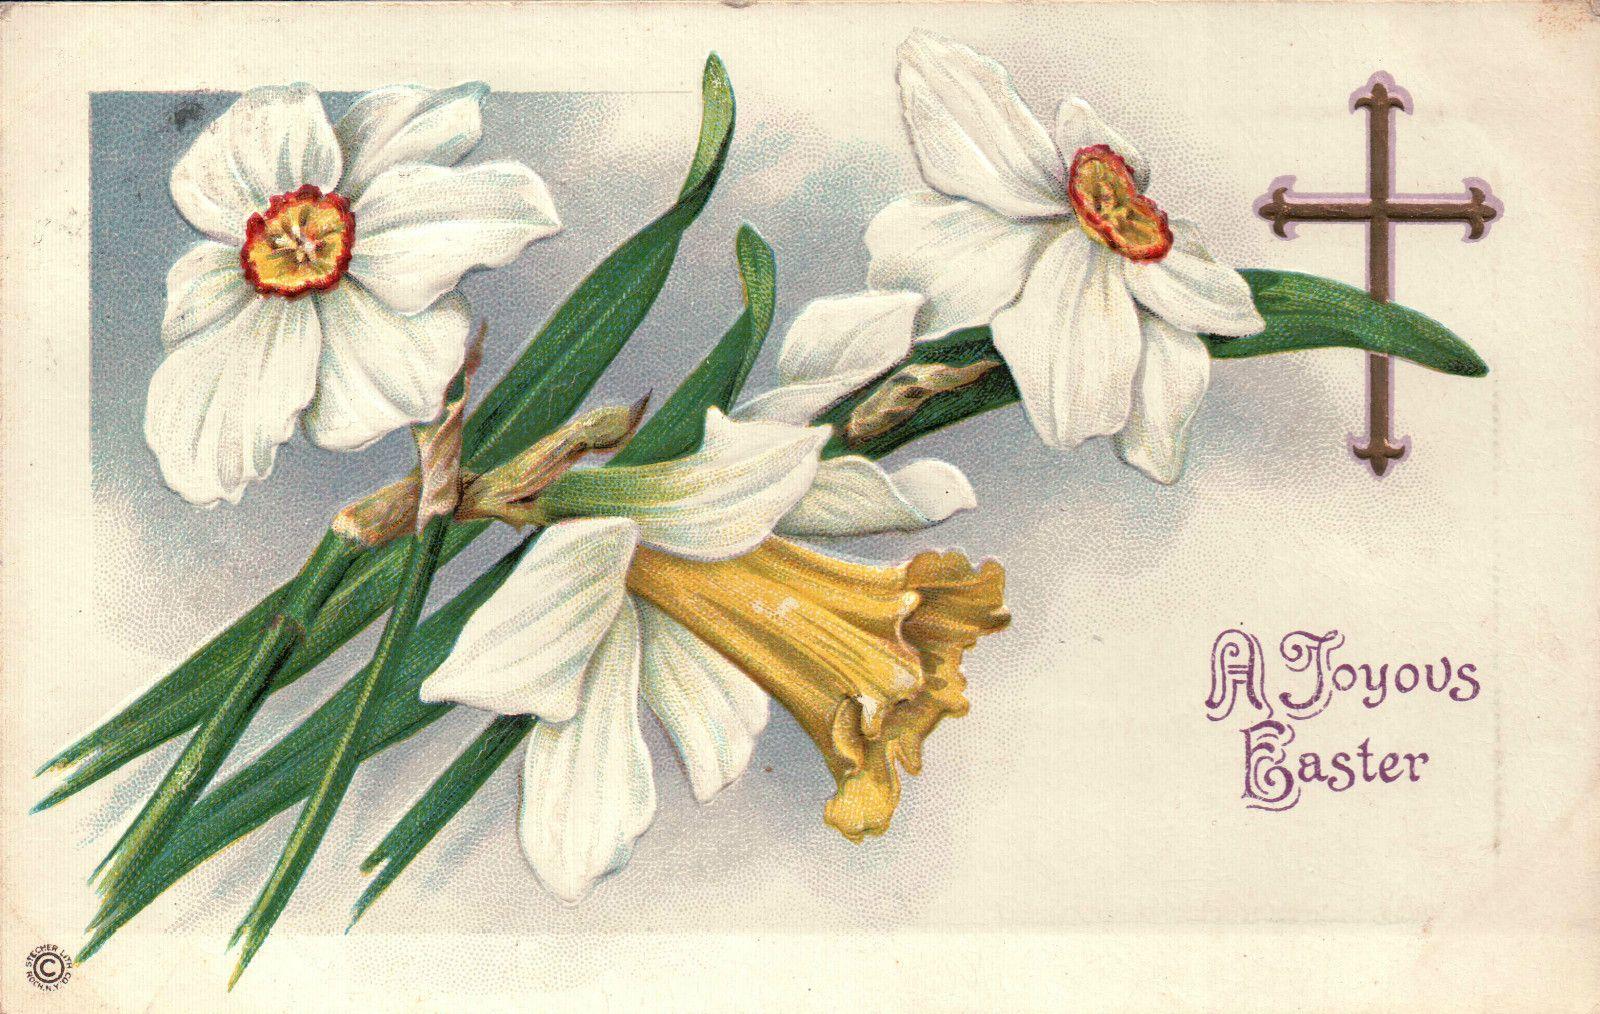 католическая пасха открытка италия бога точно рождения